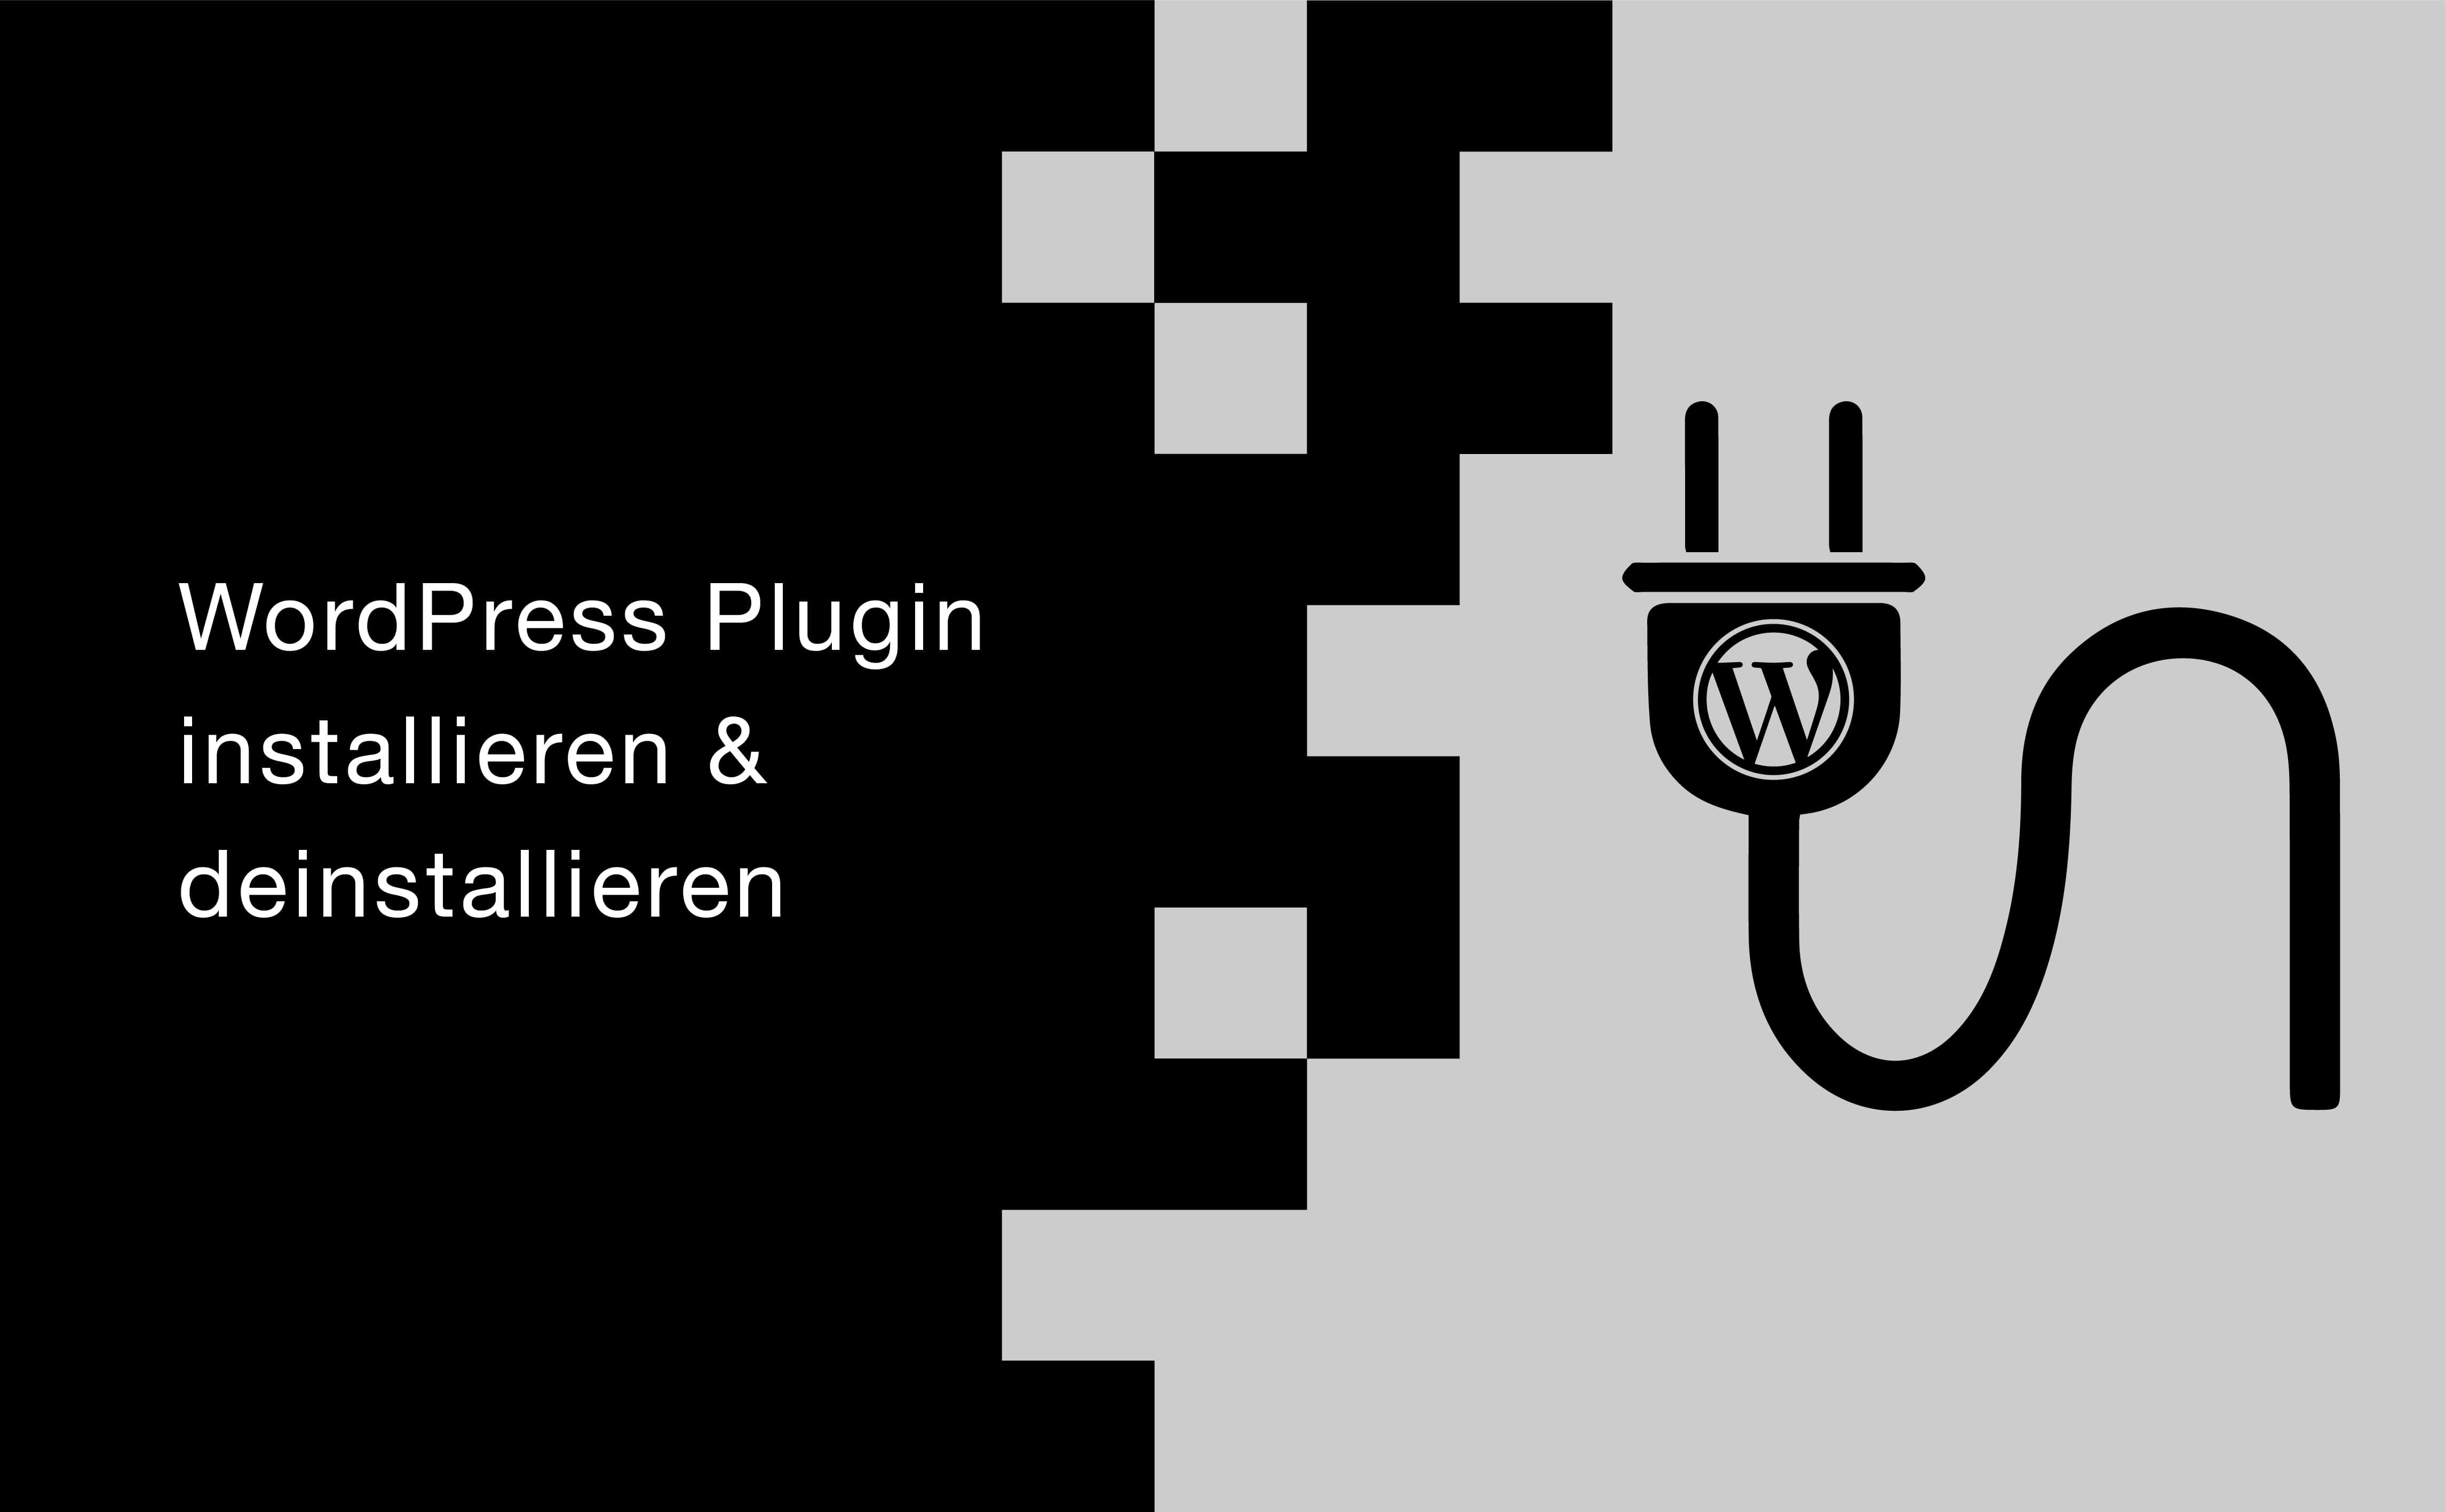 WordPress Plugin installieren & deinstallieren